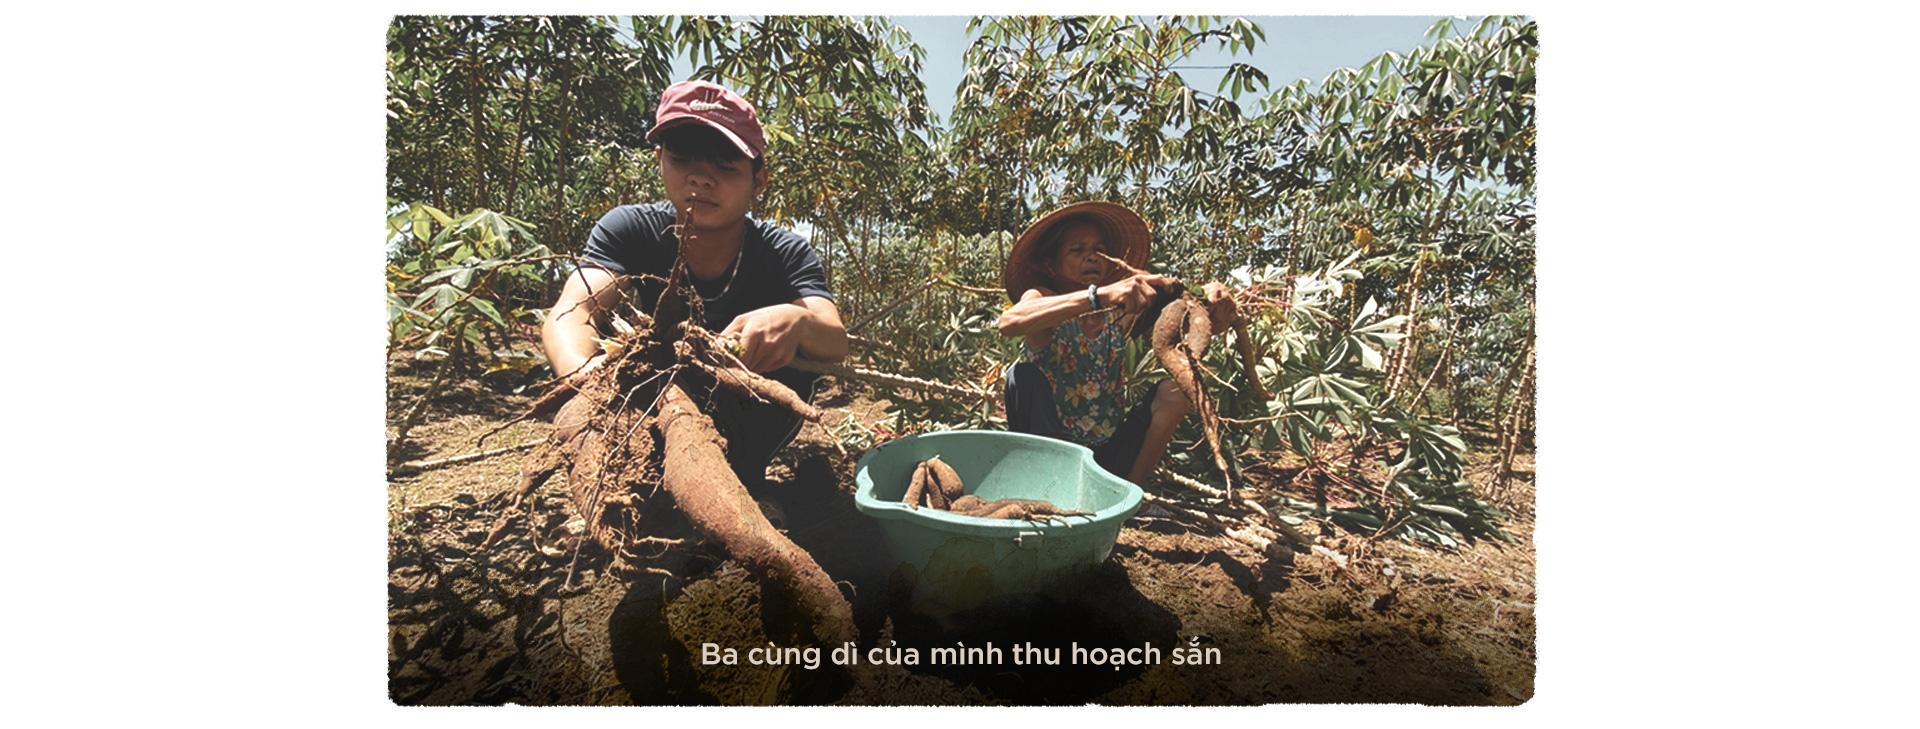 Tiếp sức đến trường: Dệt cói, trồng sắn và đeo đuổi ước mơ nghề nghiệp - Ảnh 9.